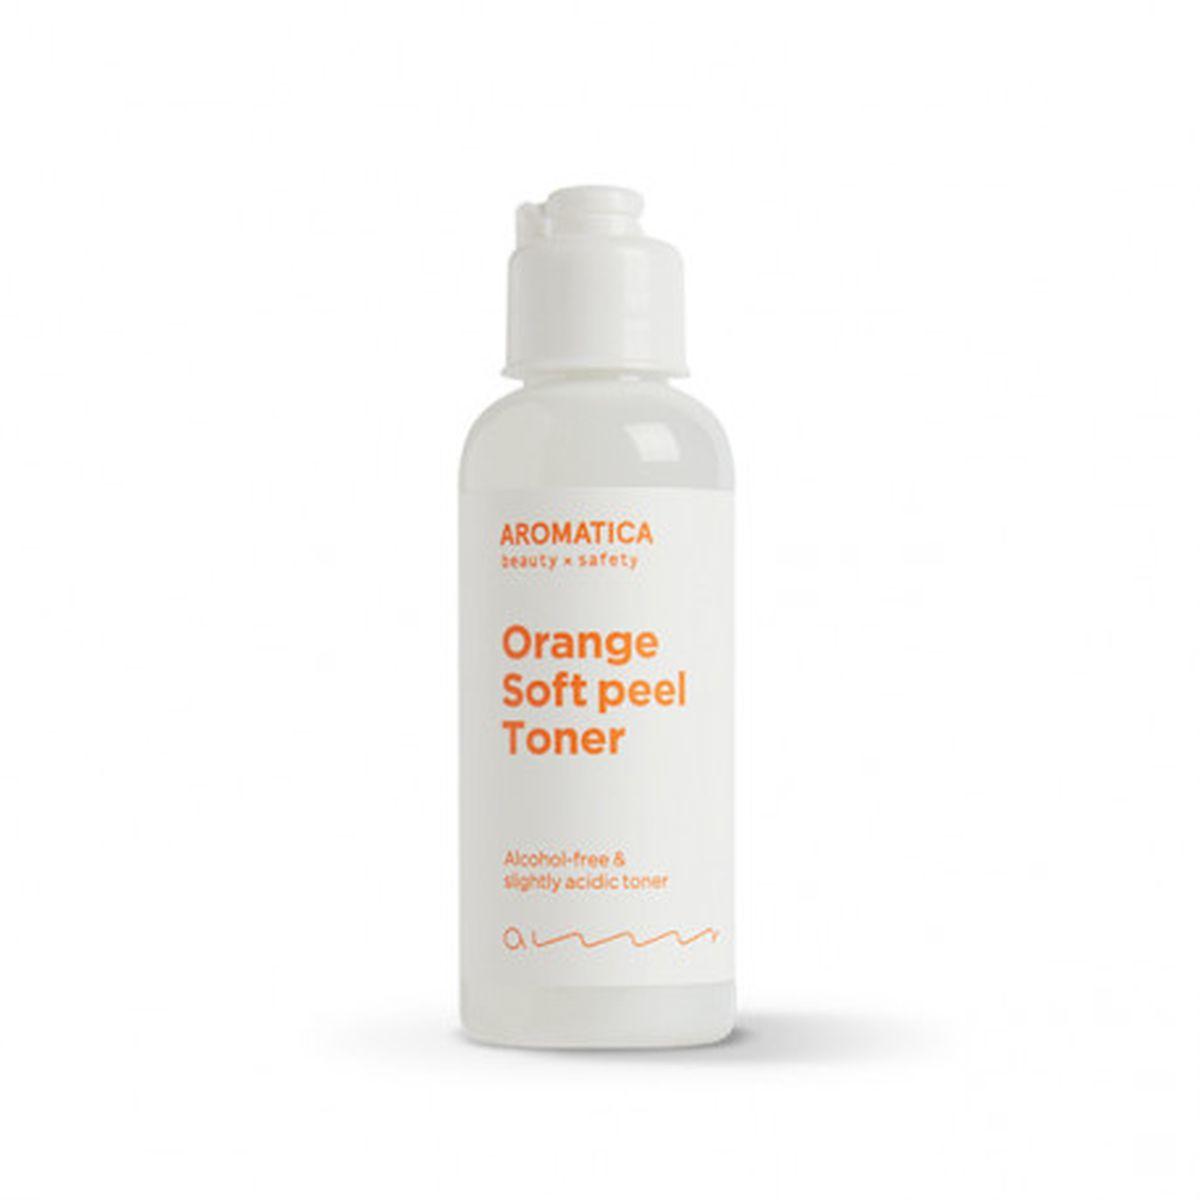 Миниатюра тонера с апельсином Aromatica Orange Soft Peel Toner - 50 мл